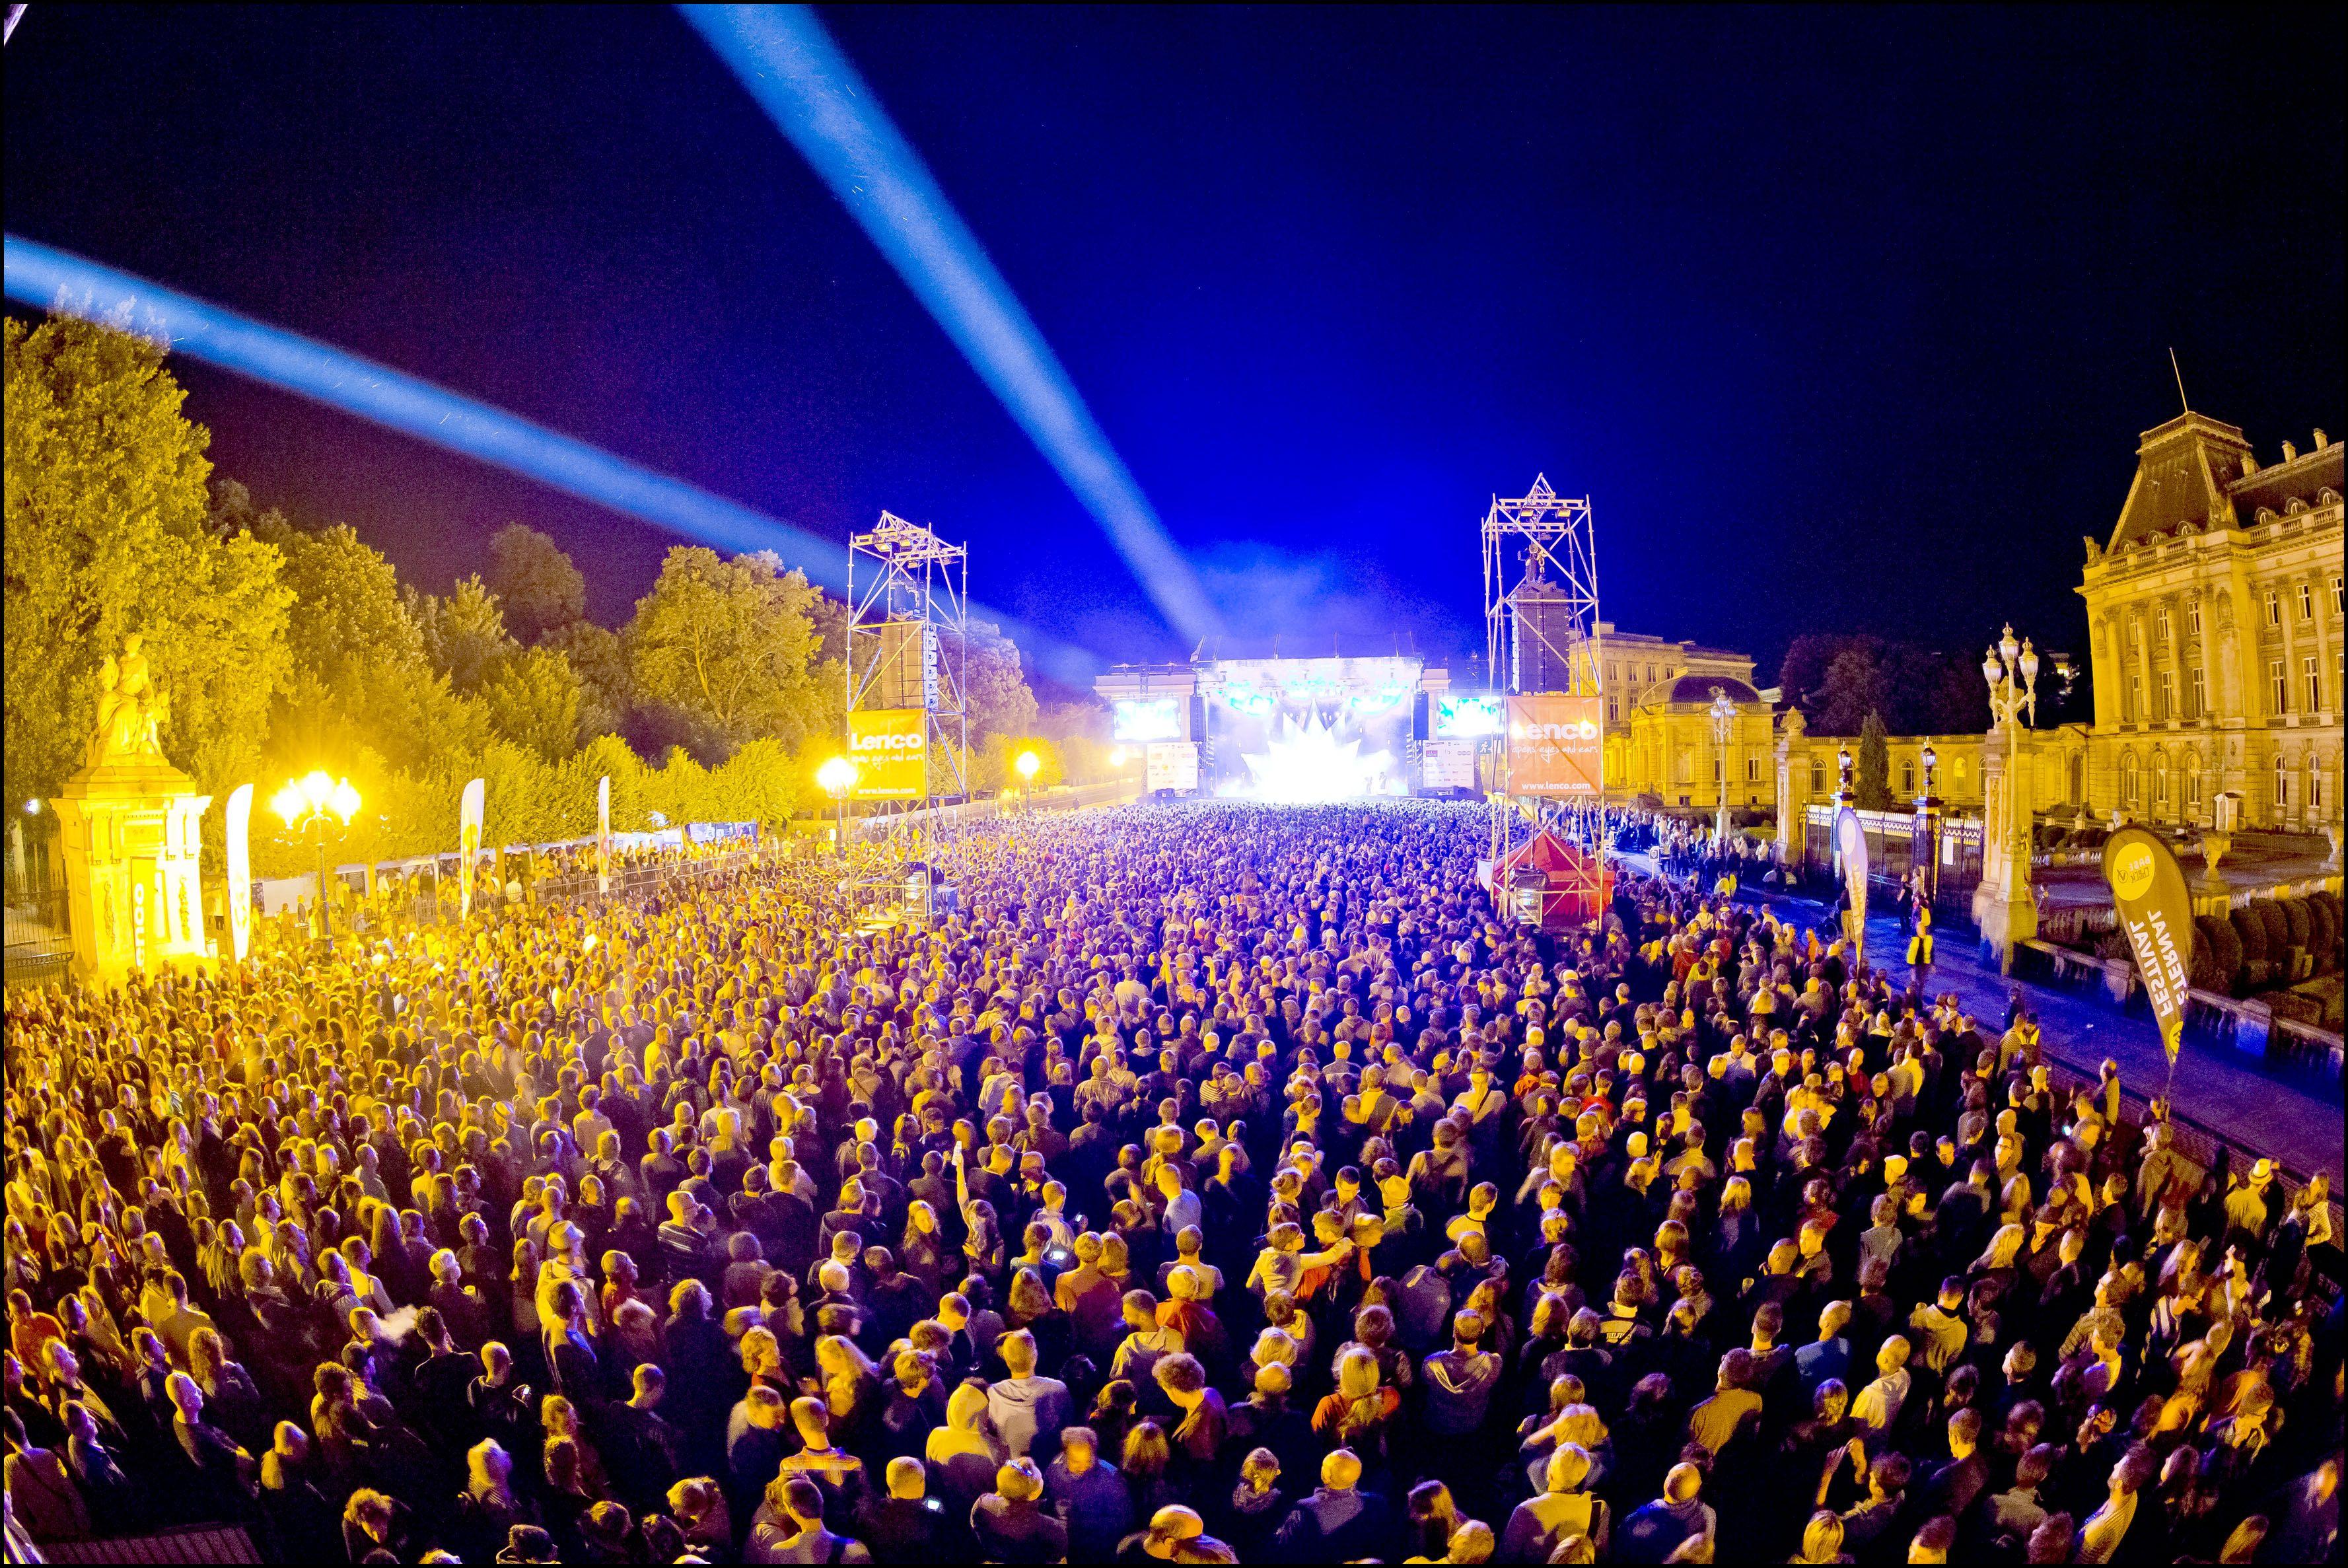 Het Brussels Summer Festival is een jaarlijks tiendaagse muziek- en cultuurfestival in de stad Brussel. Het is één van de belangrijkste culturele evenementen van de maand augustus in Brussel. Genre: Rock, Jazz, Dance, Popmuziek en Blues.